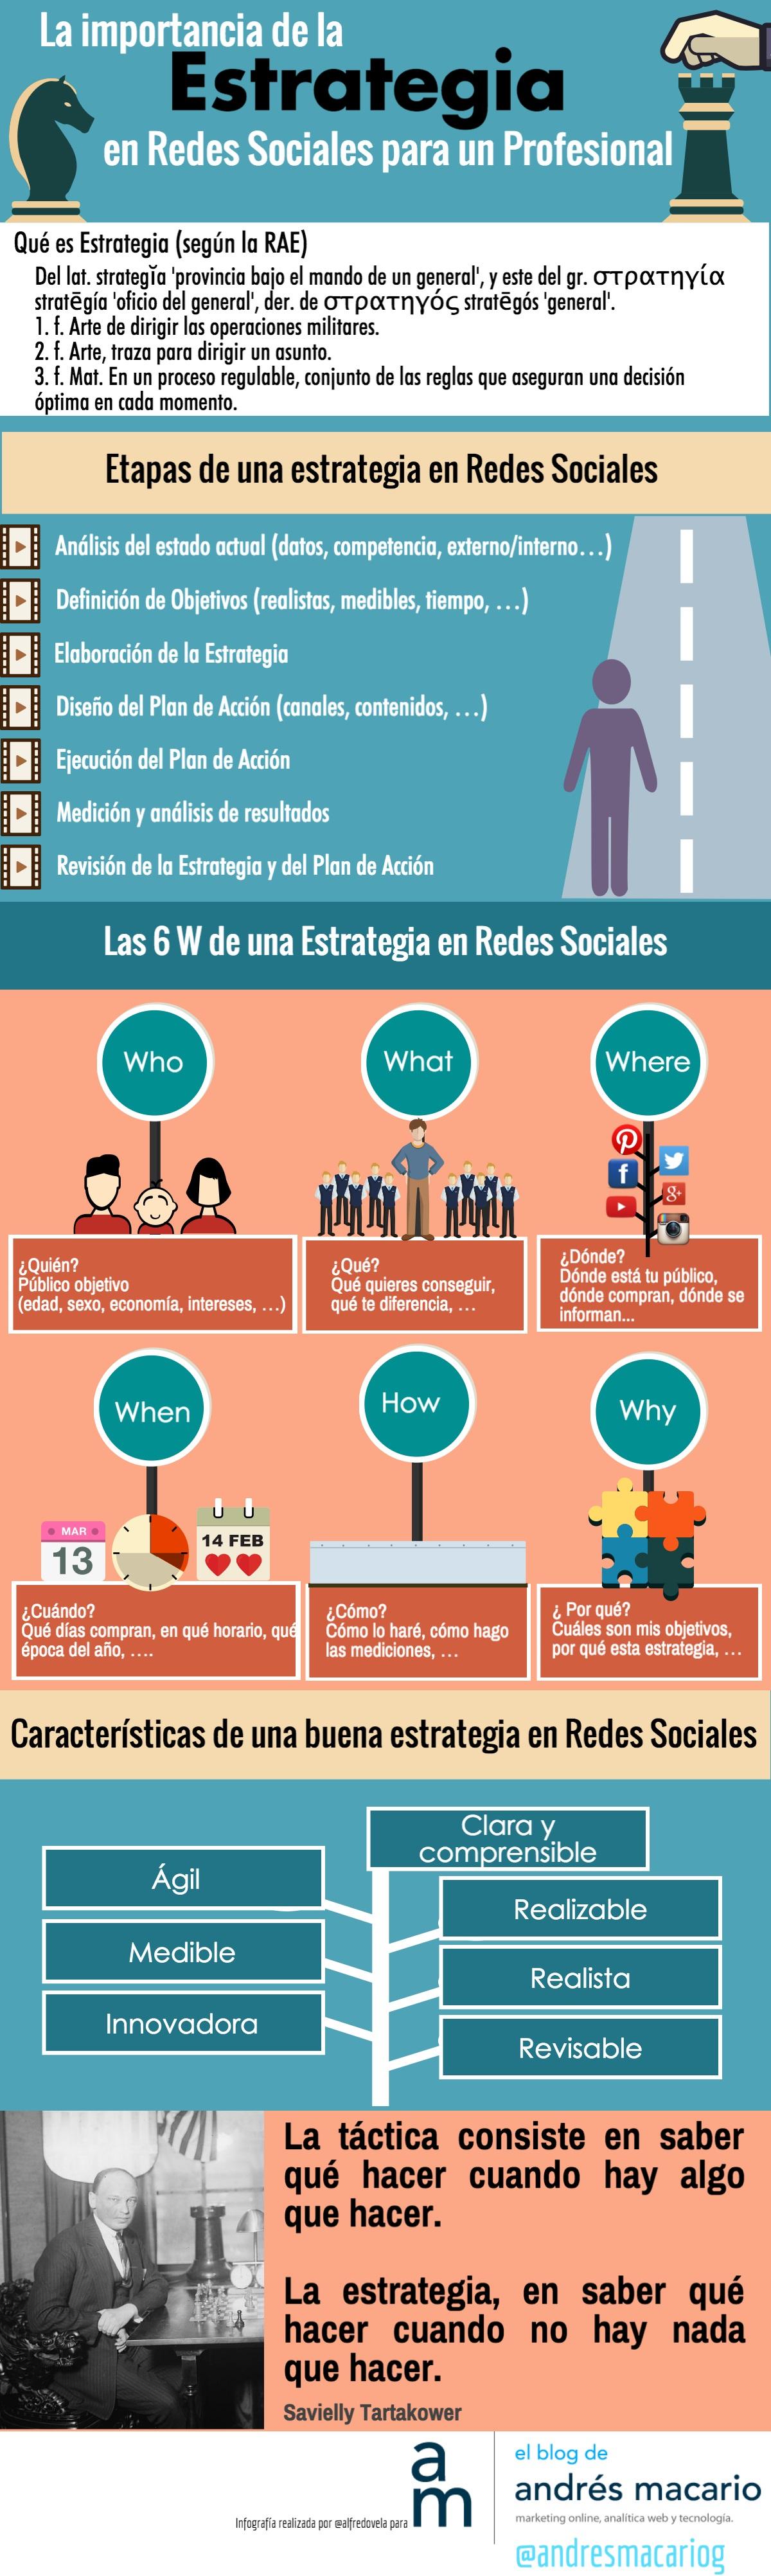 Importancia de la estrategia en redes sociales para un profesional en el blog de Andrés Macario